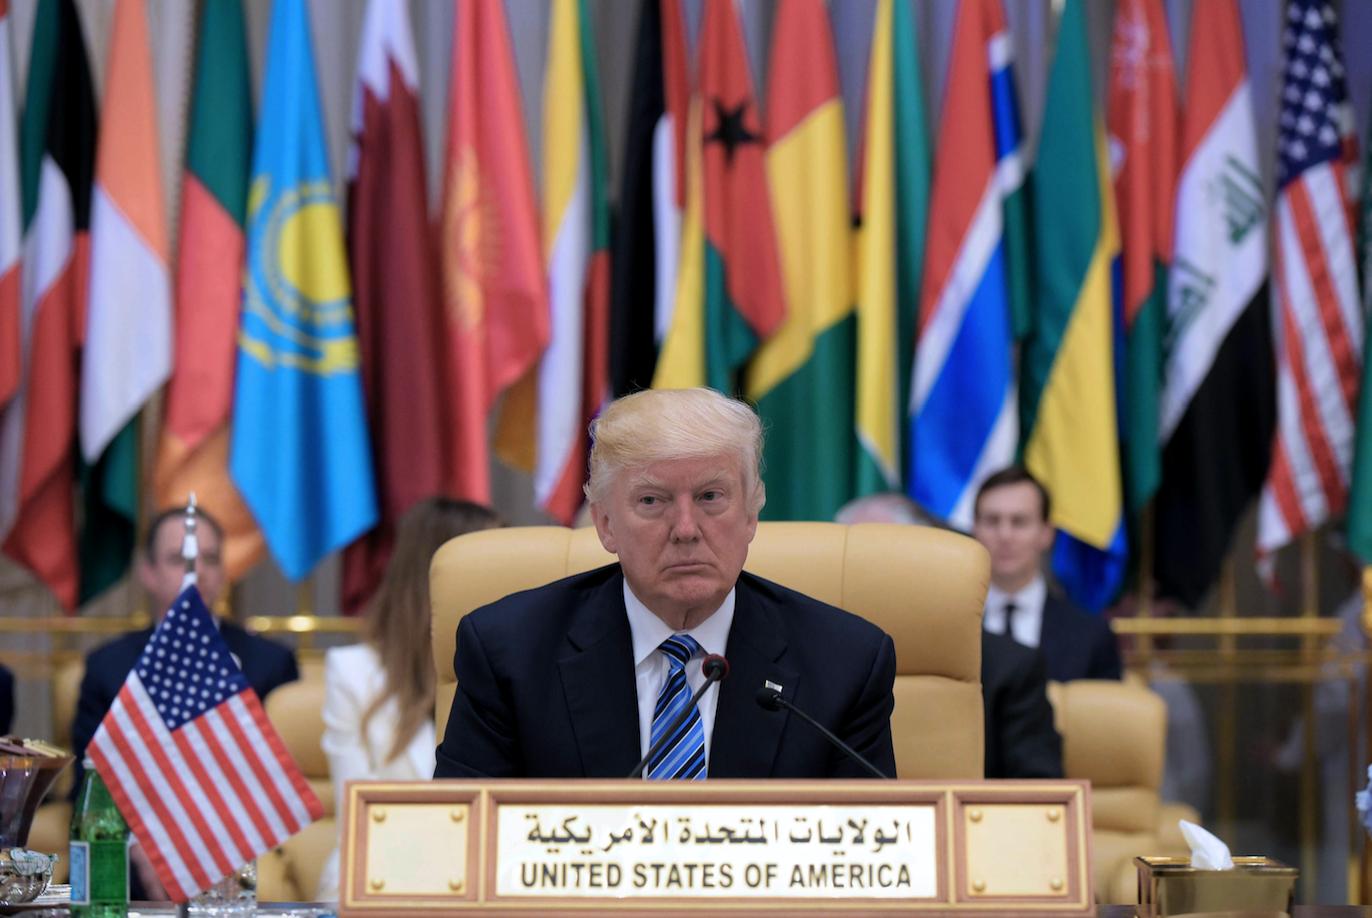 Estados Unidos y los países árabes frenarían el financiamiento terrorista